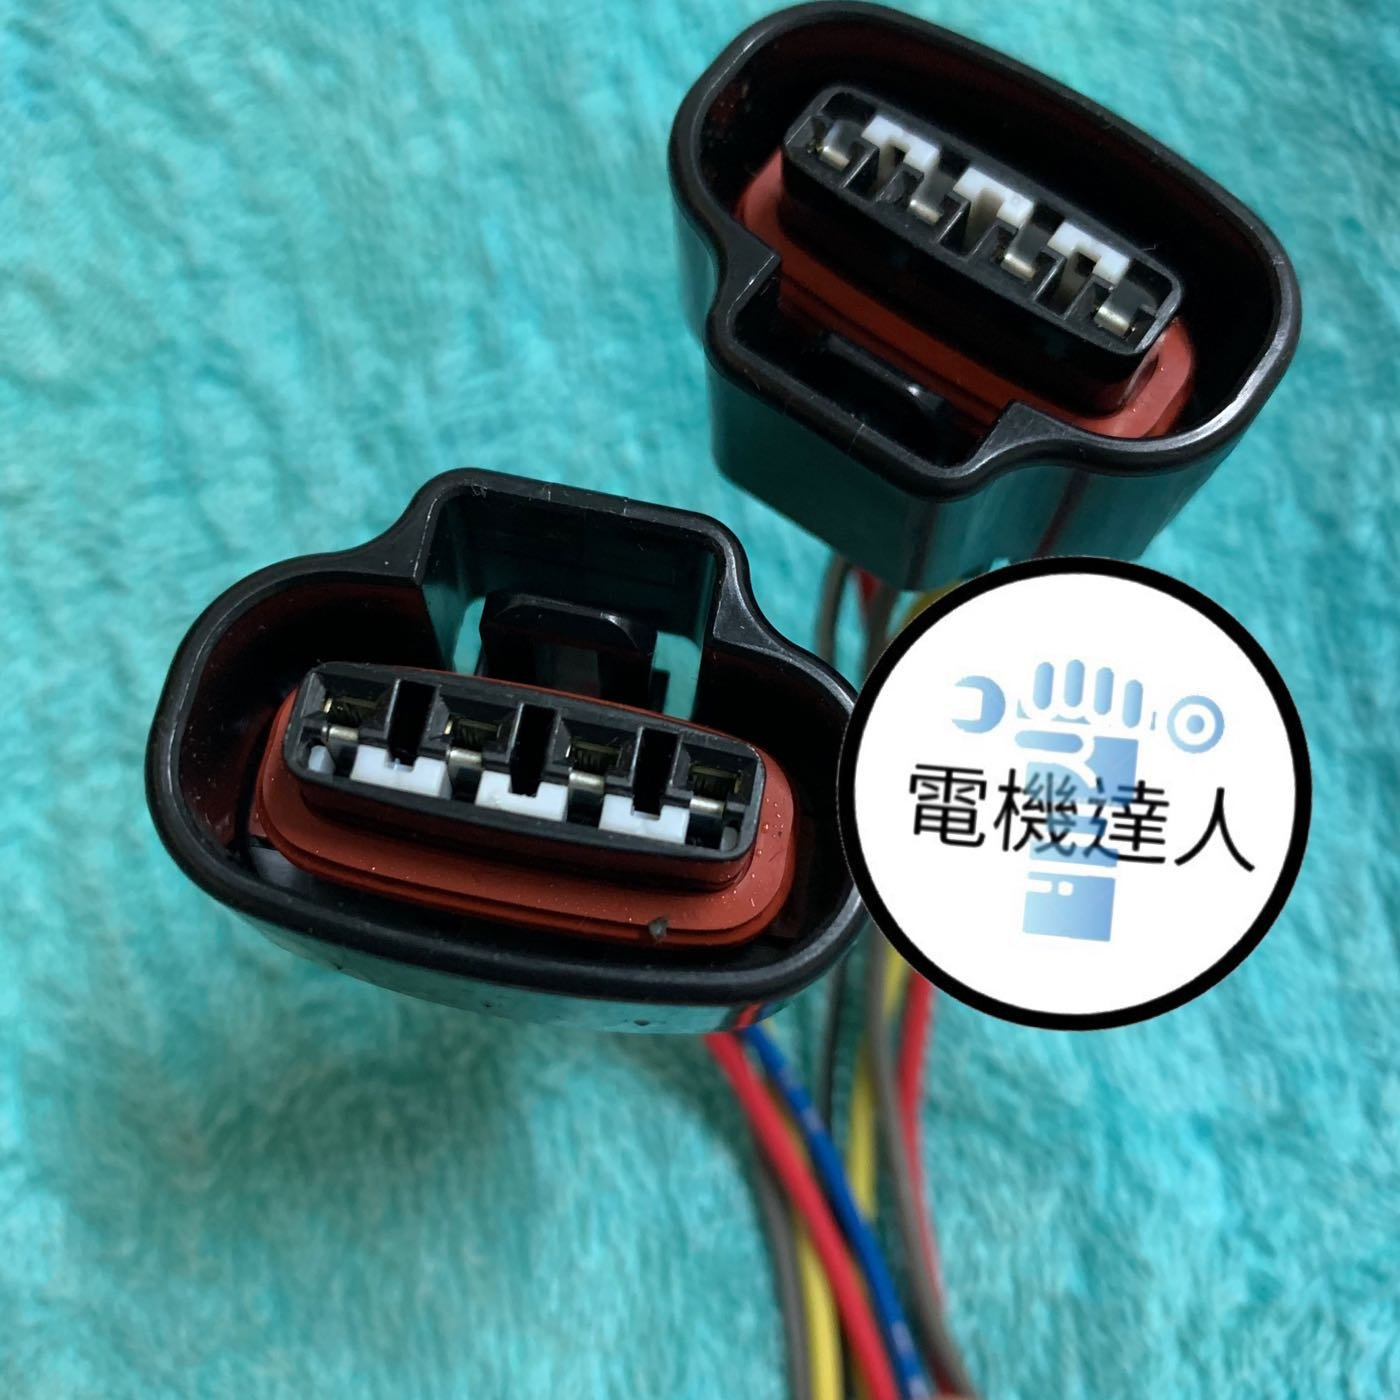 《電機達人》豐田 TERCEL COROLLA EXSIOR CAMRY 點火線圈插頭 考耳插頭 分電器插頭 分電盤總成插頭 線組